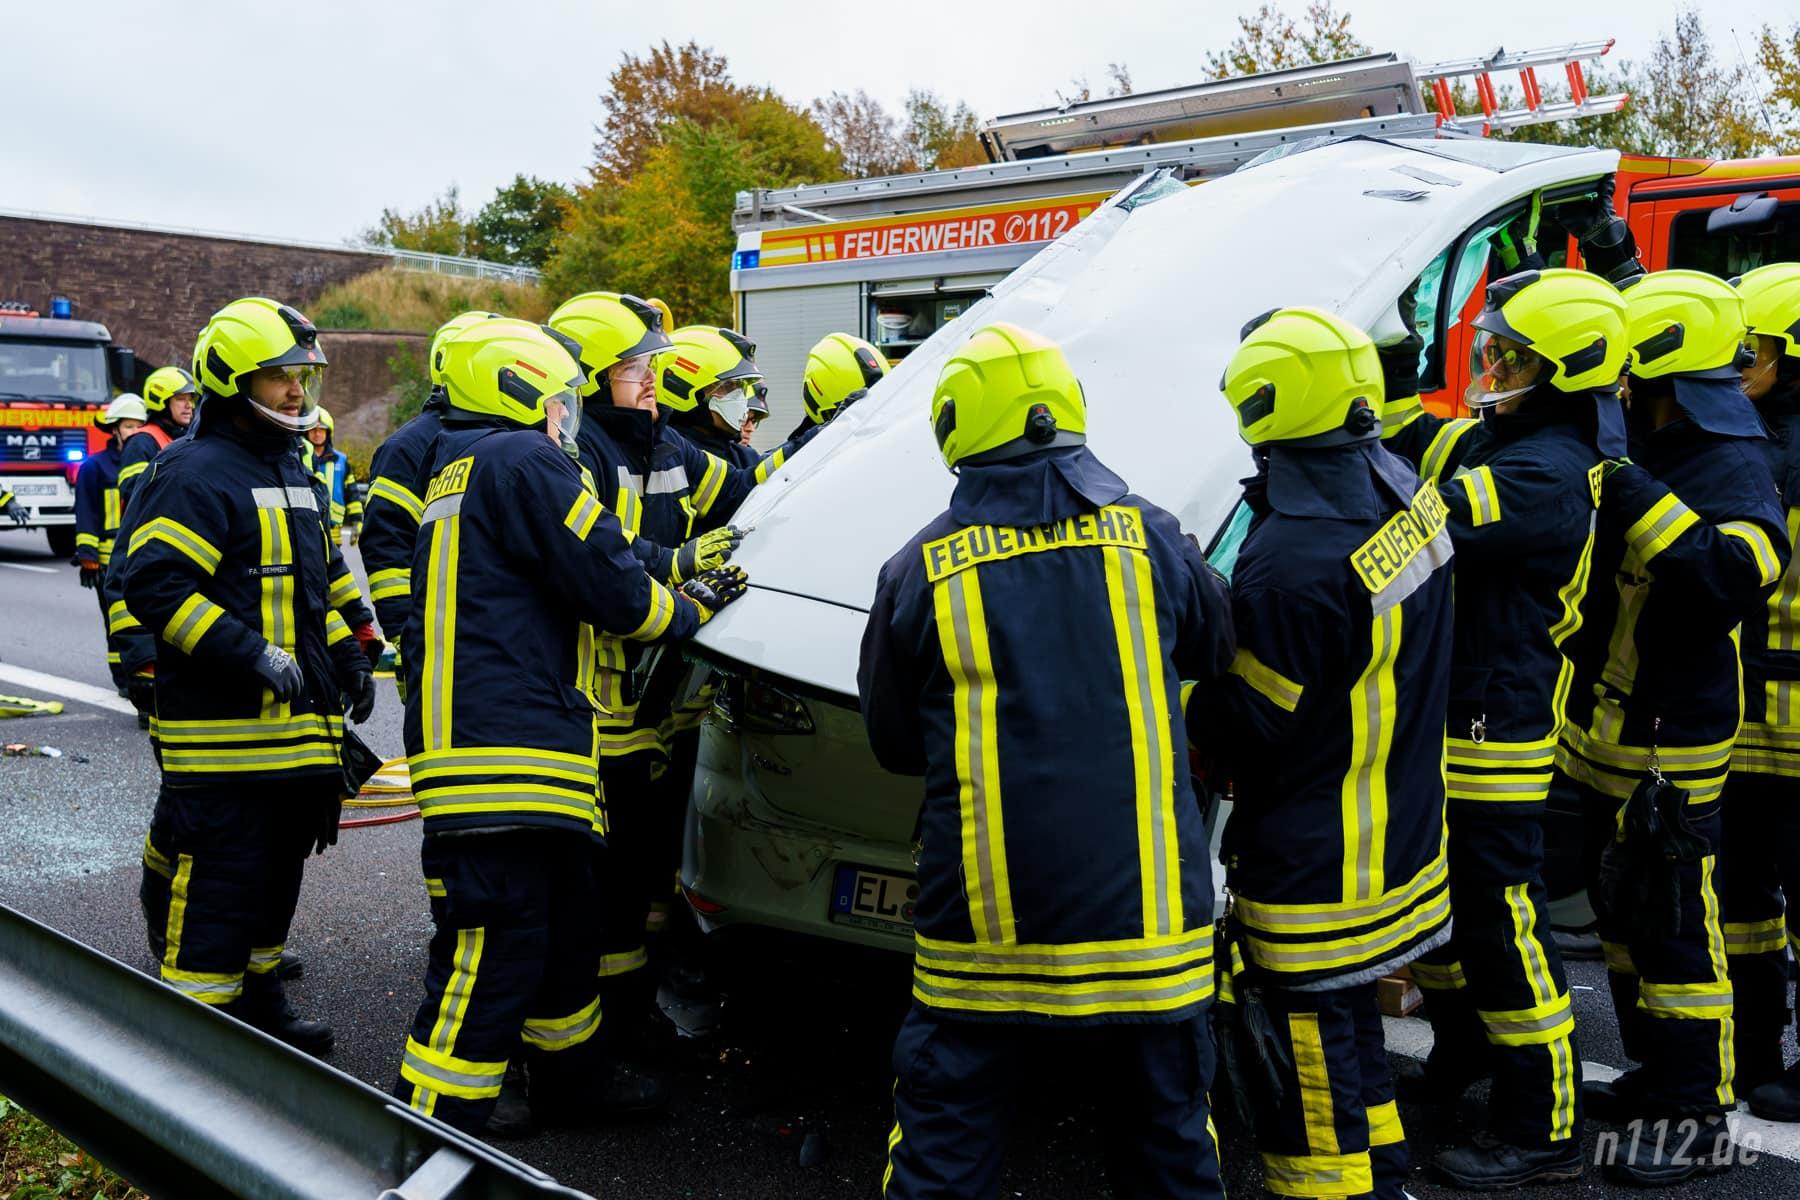 Das Dach ist ab und wird von mehreren Helfern vorsichtig weggetragen (Foto: n112.de/Stefan Simonsen)